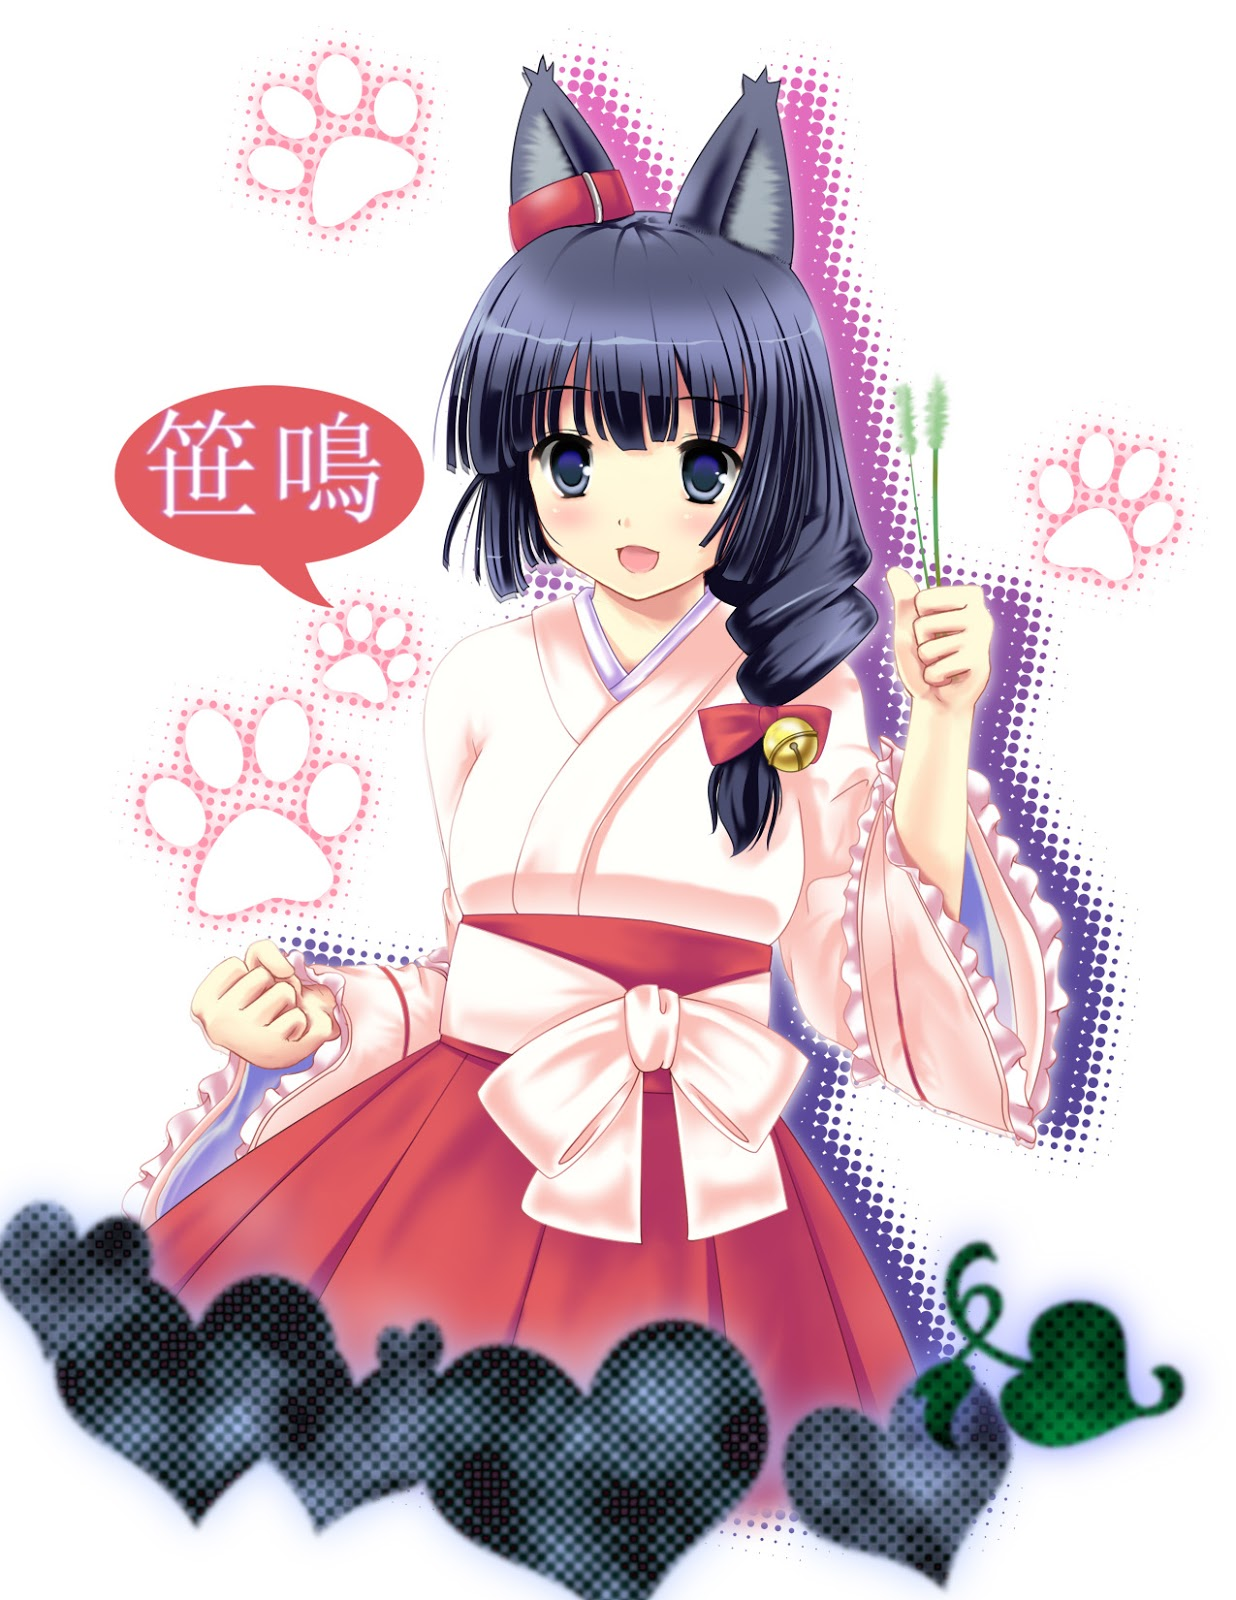 Xem Anime Thần mèo Cute -Nekogami Yaoyorozu - Anime Nekogami Yaoyorozu VietSub